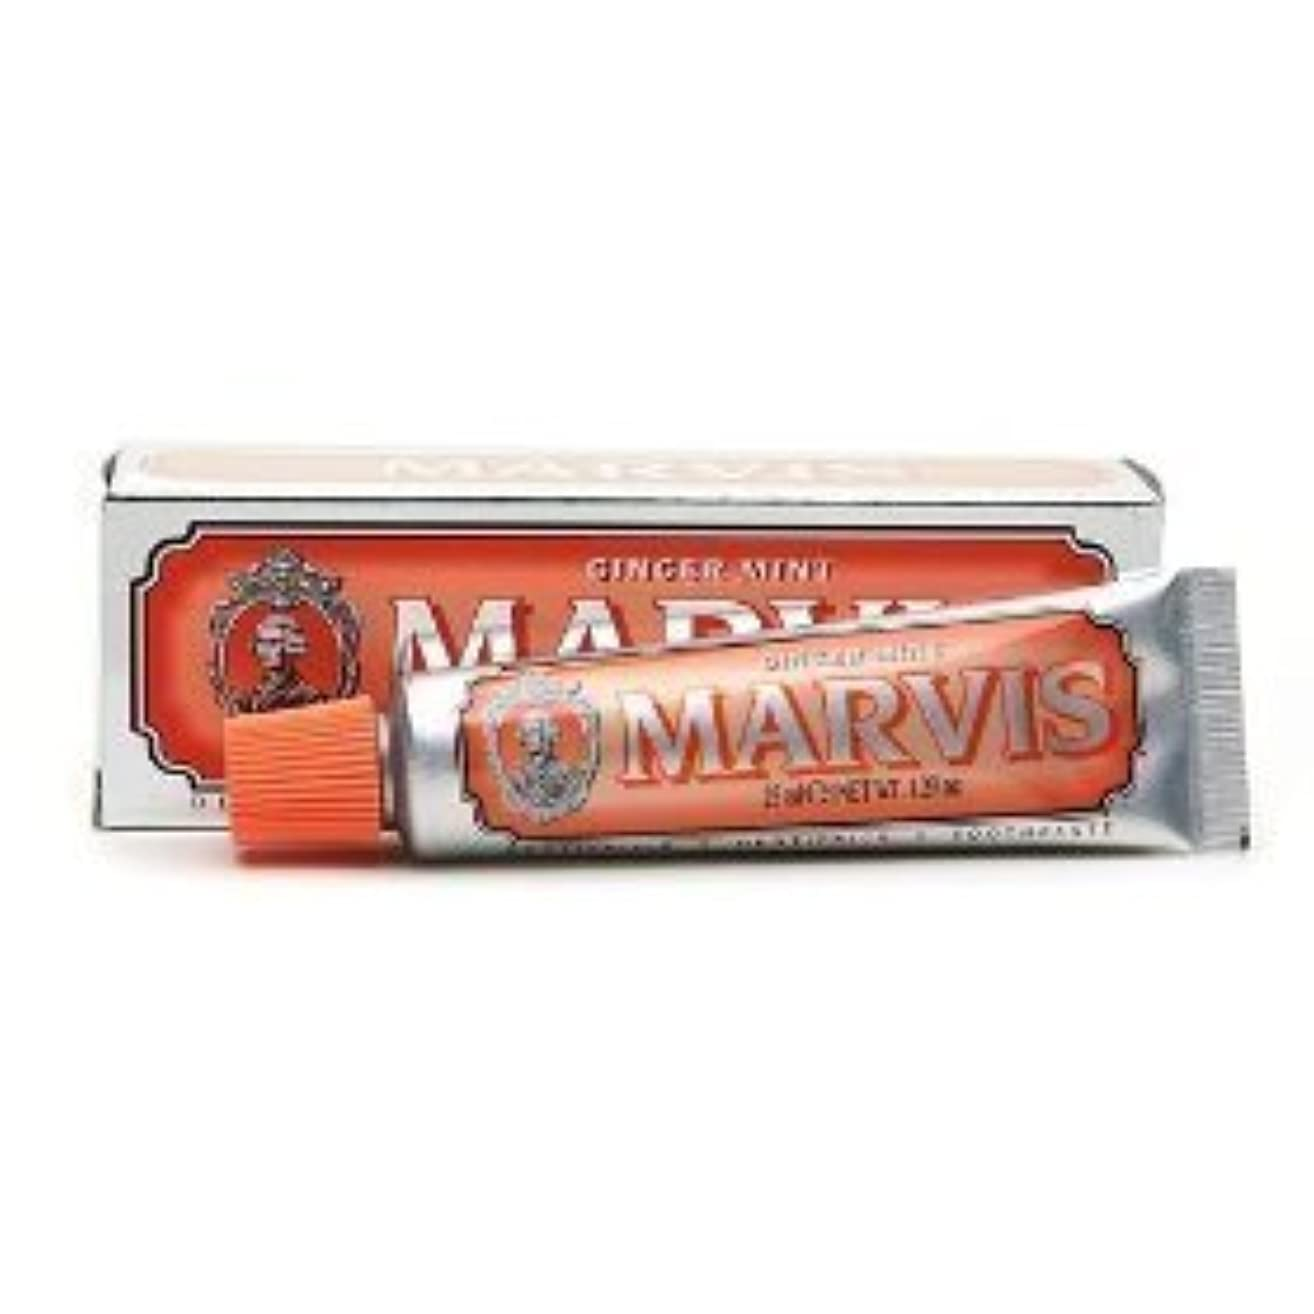 とんでもない消費者垂直Marvis Toothpaste Ginger Mint Travel Size by Marvis [並行輸入品]